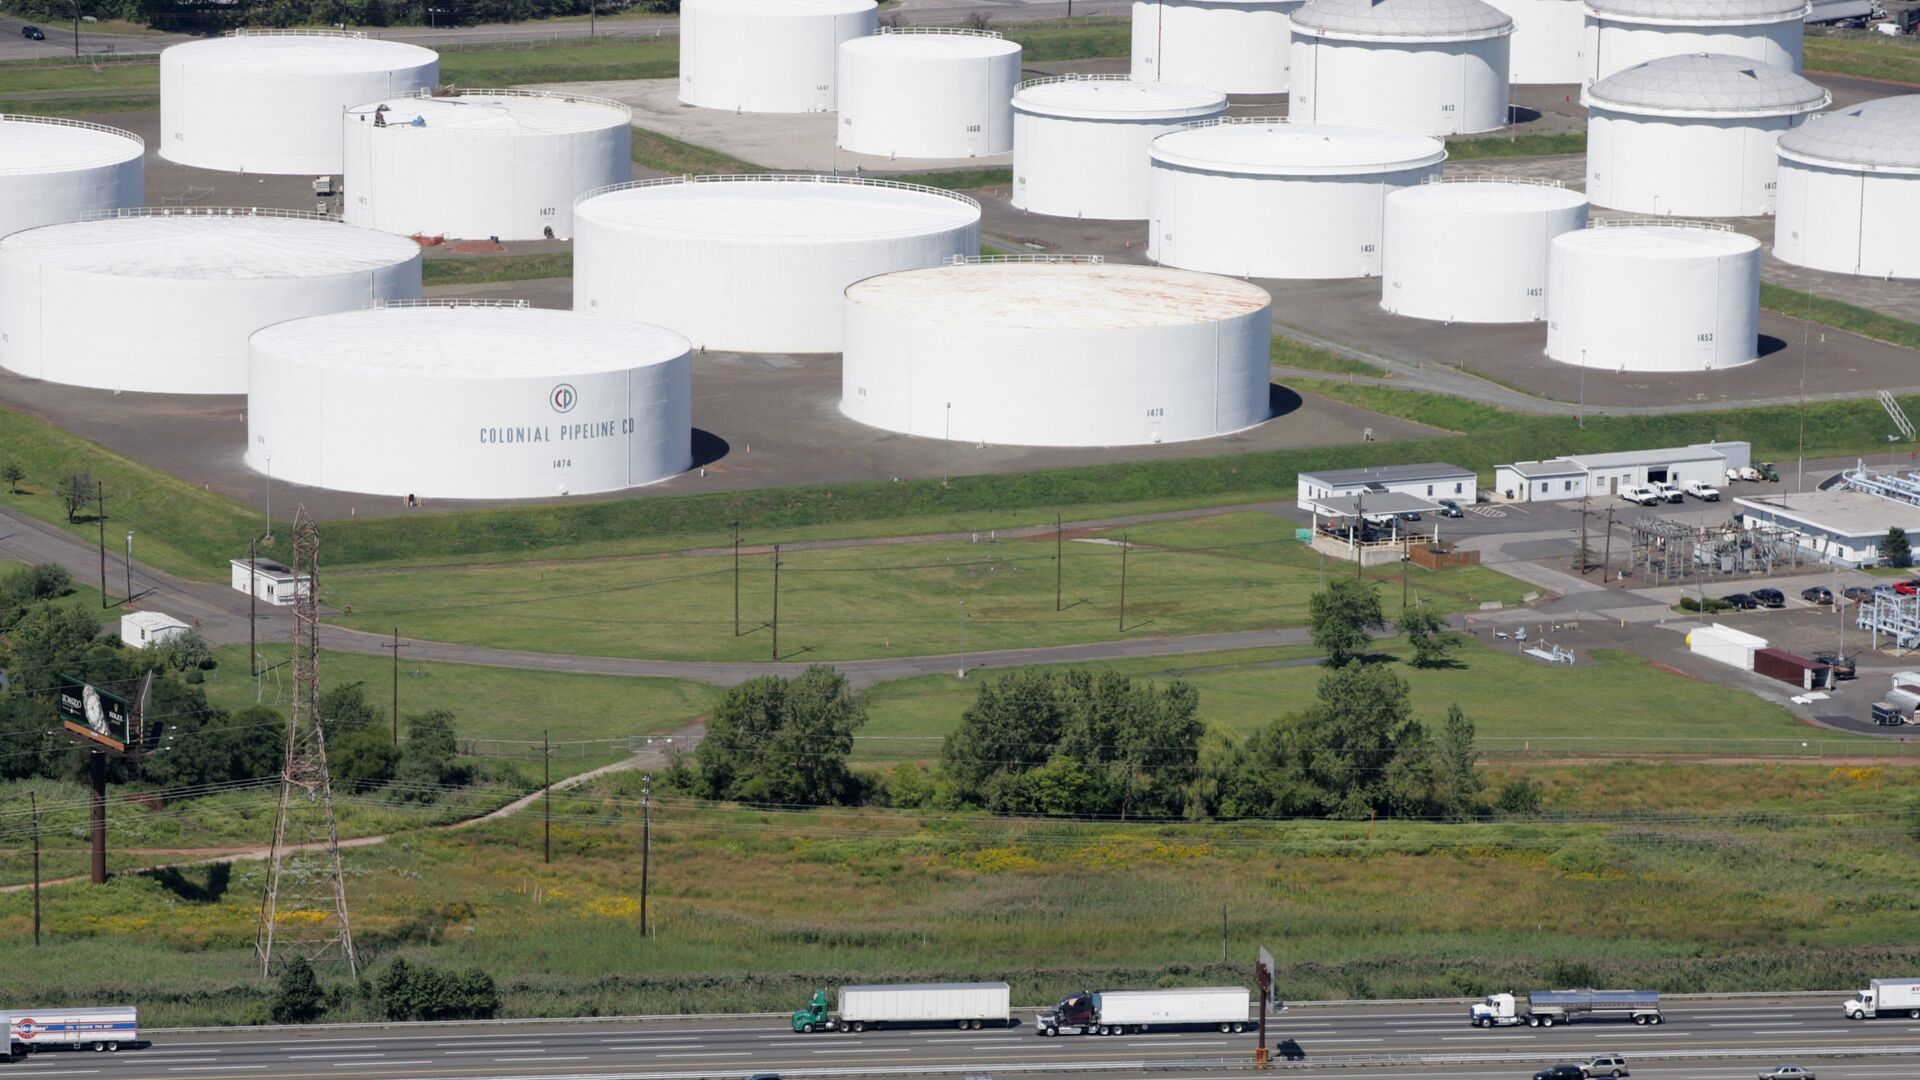 Zásobní nádrže na ropu pro koloniální potrubí v Lindenu, NJ - Sputnik Česká republika, 1920, 14.05.2021